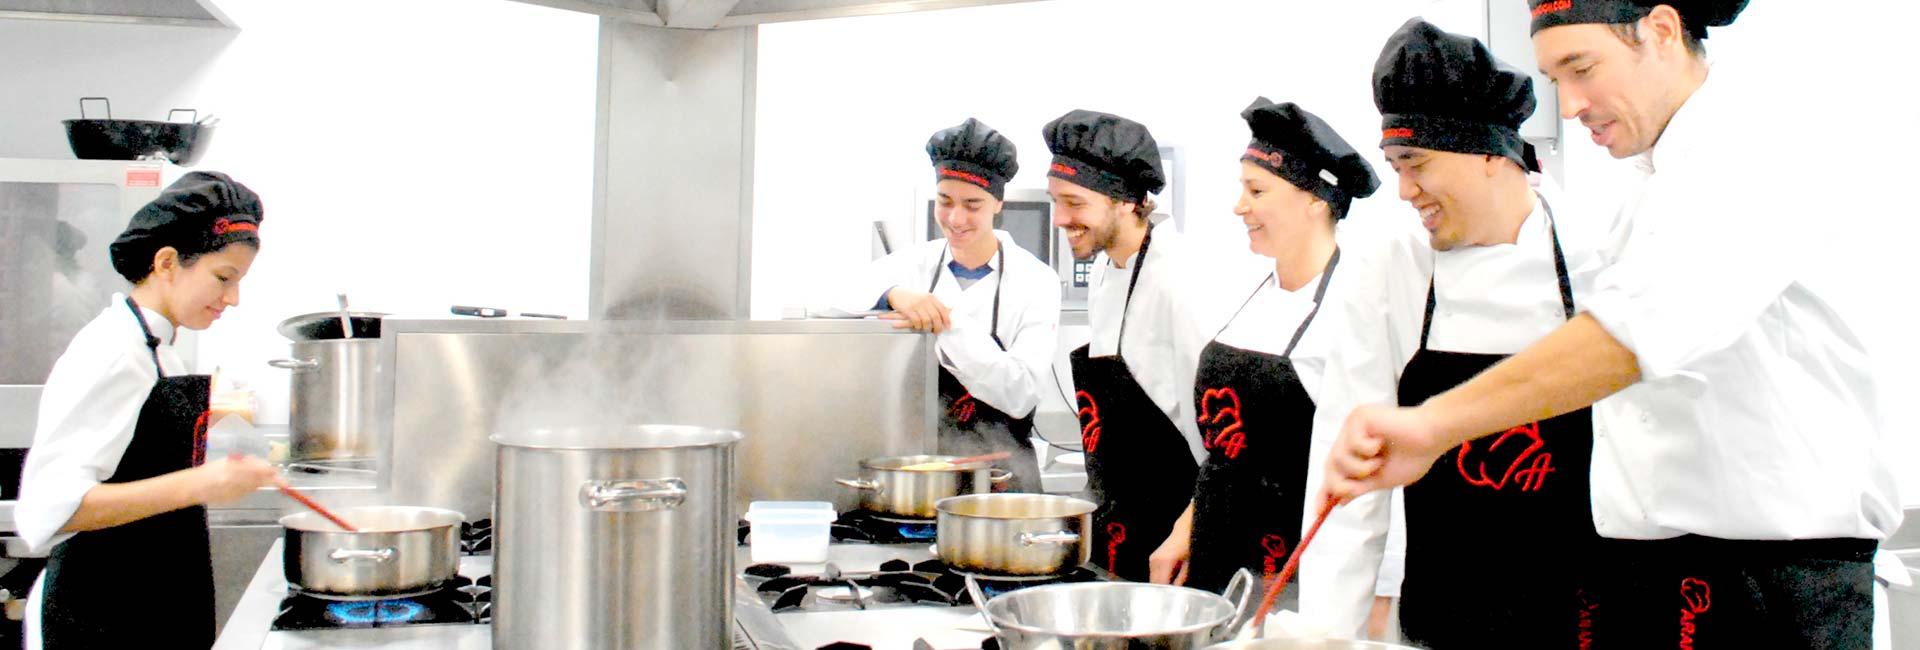 Curso ayudante de cocina - Ayudante de cocina madrid ...